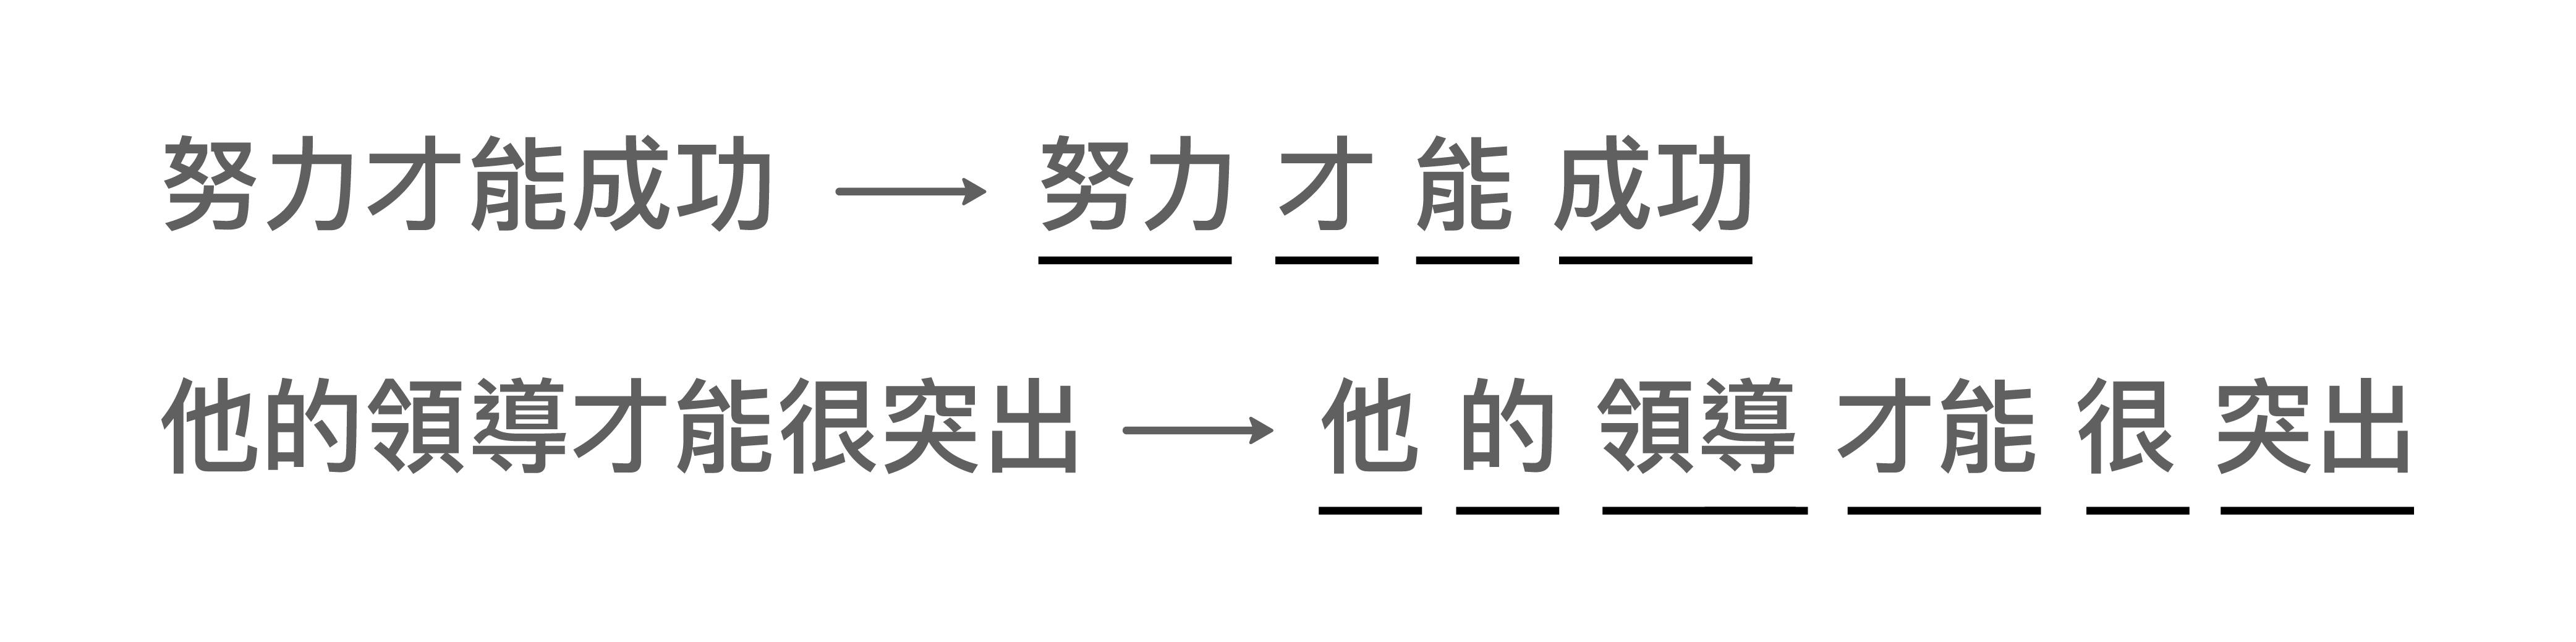 語言學家會把這樣子的斷詞標注清楚,供電腦進行機器學習。經過不同語句的大量標注,電腦最後會自己學會利用「才能」的上下文做判斷。 資料來源│馬偉雲說明